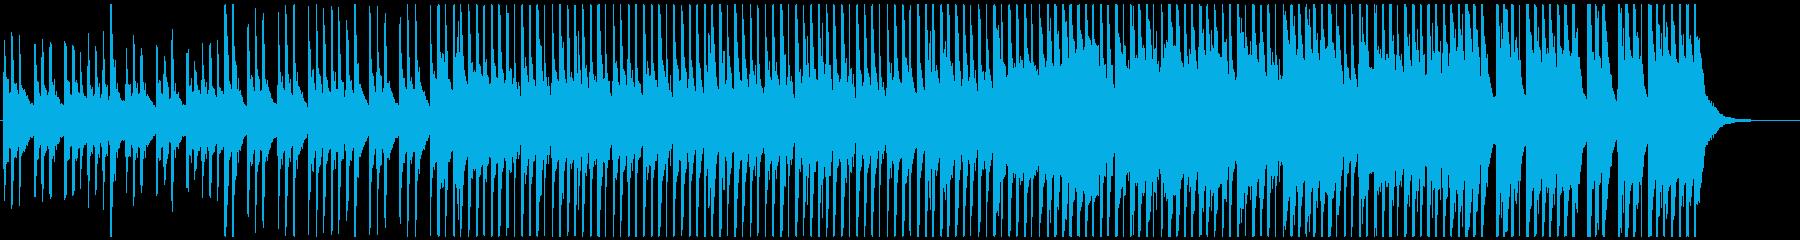 和楽器アンサンブル 三三七拍子モチーフの再生済みの波形